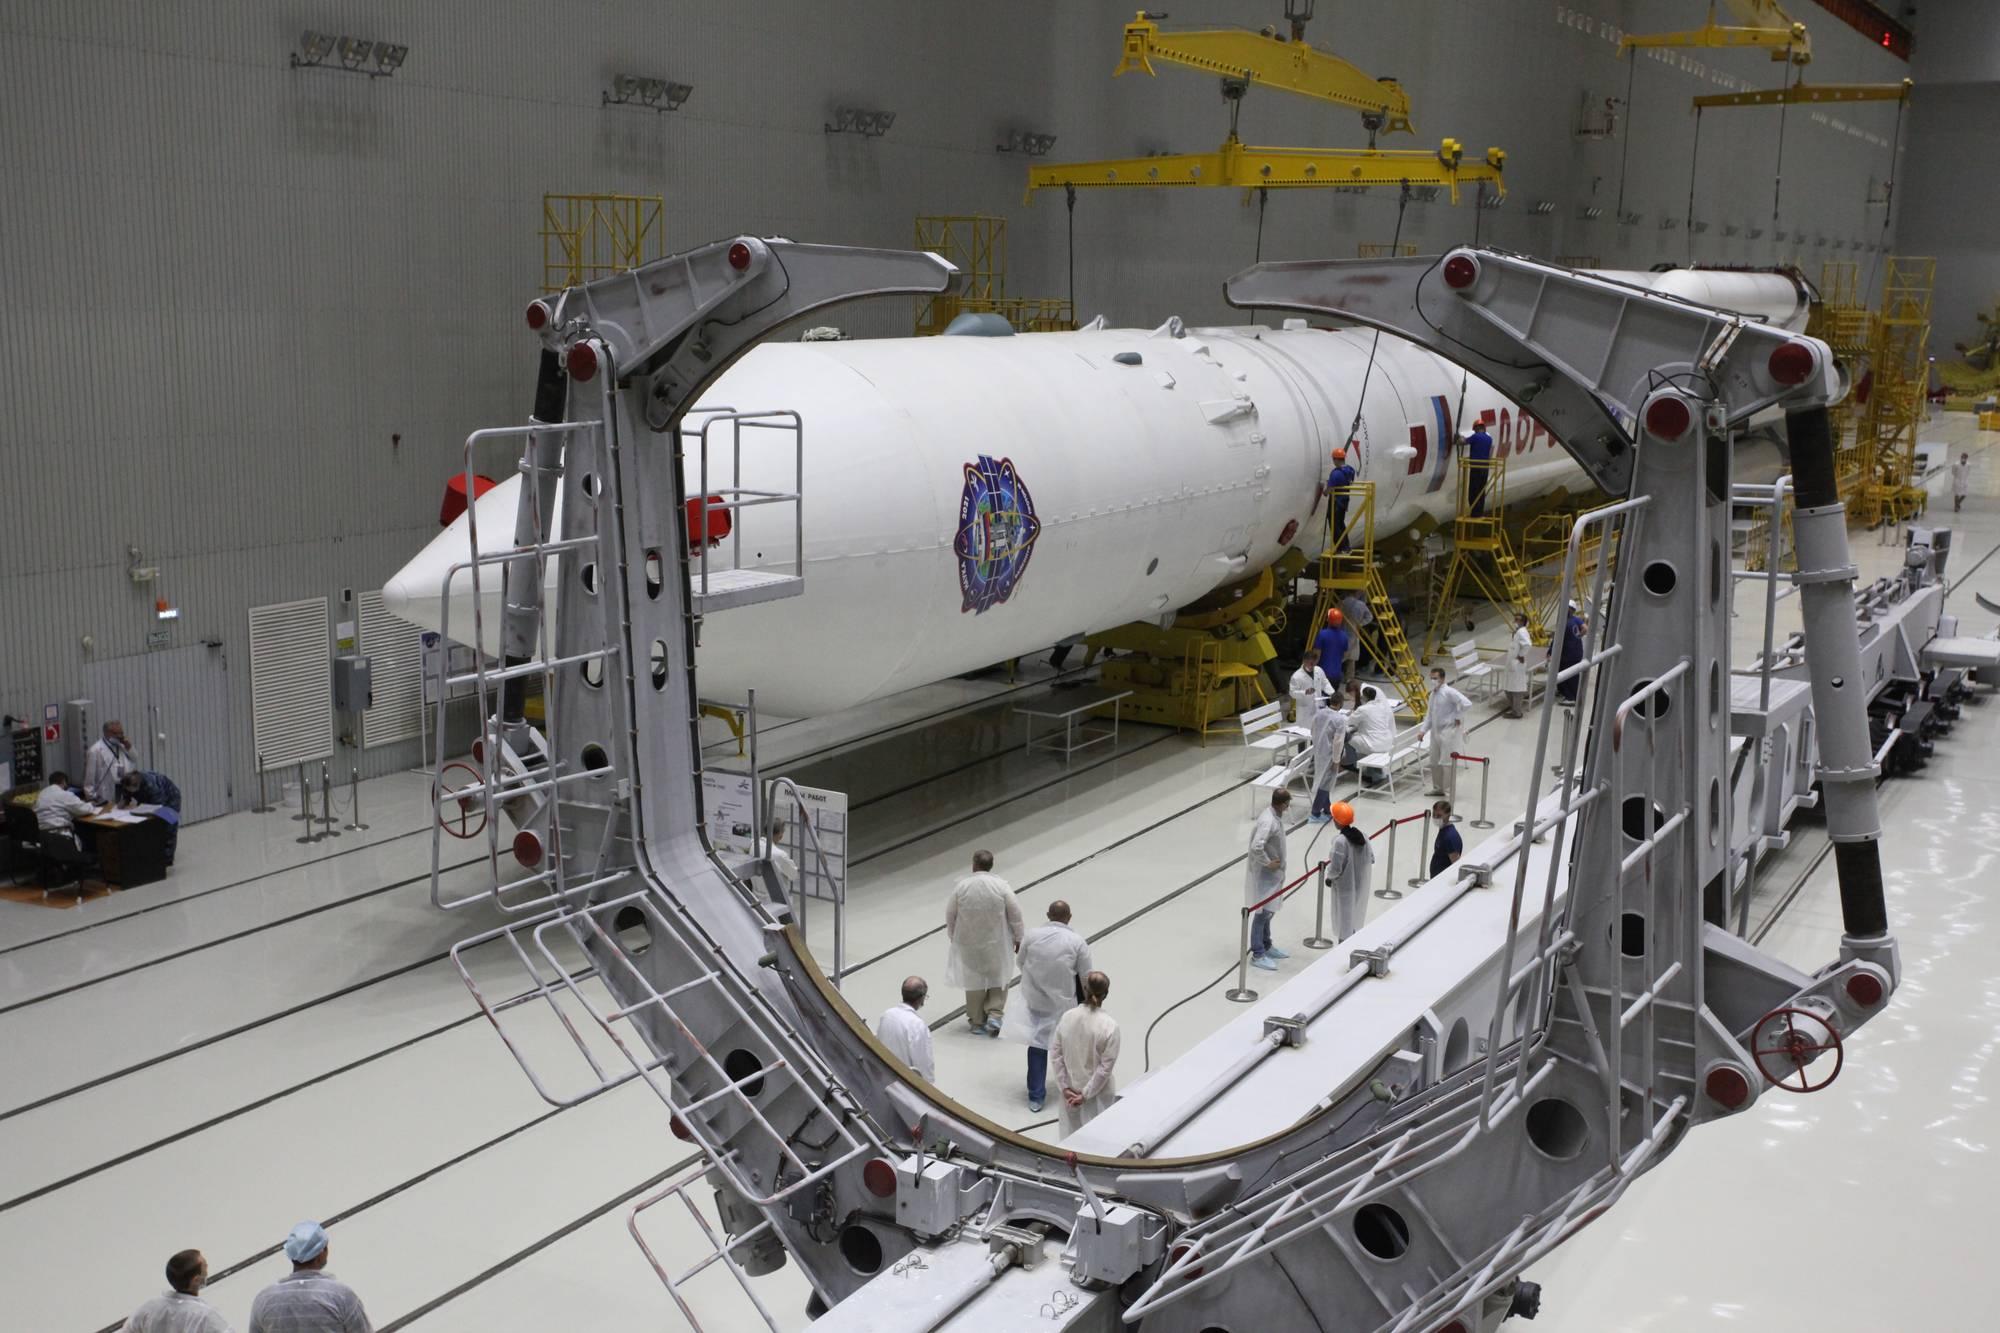 Proton-M et sa charge utile avant son transfert sur le wagon transporteur-érecteur (au premier plan).